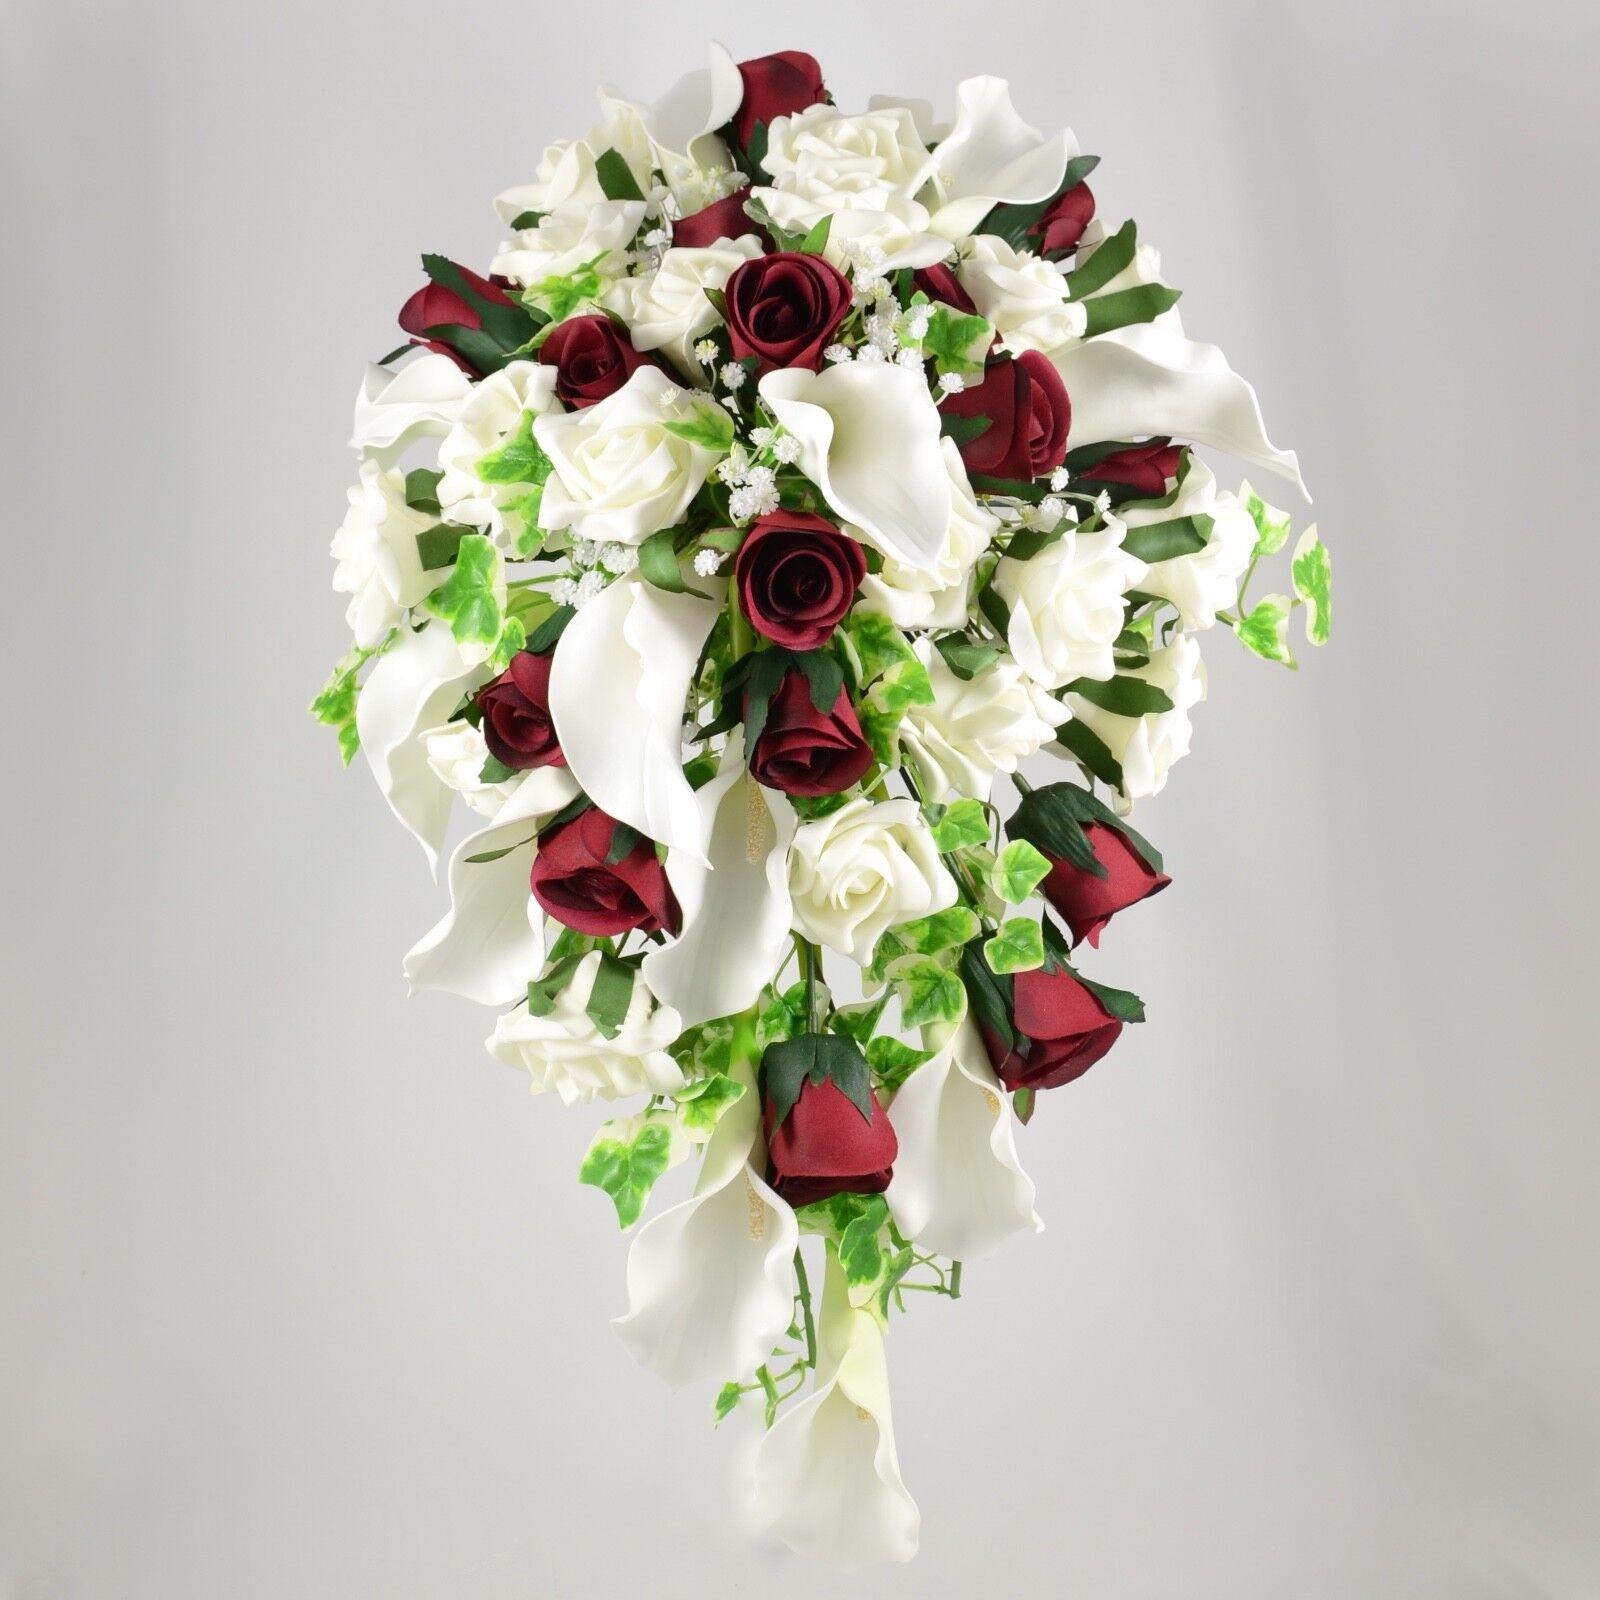 Artificielle Mariage fleurs soie Brides douche BOUQUET BORDEAUX IVOIRE Calla Lily